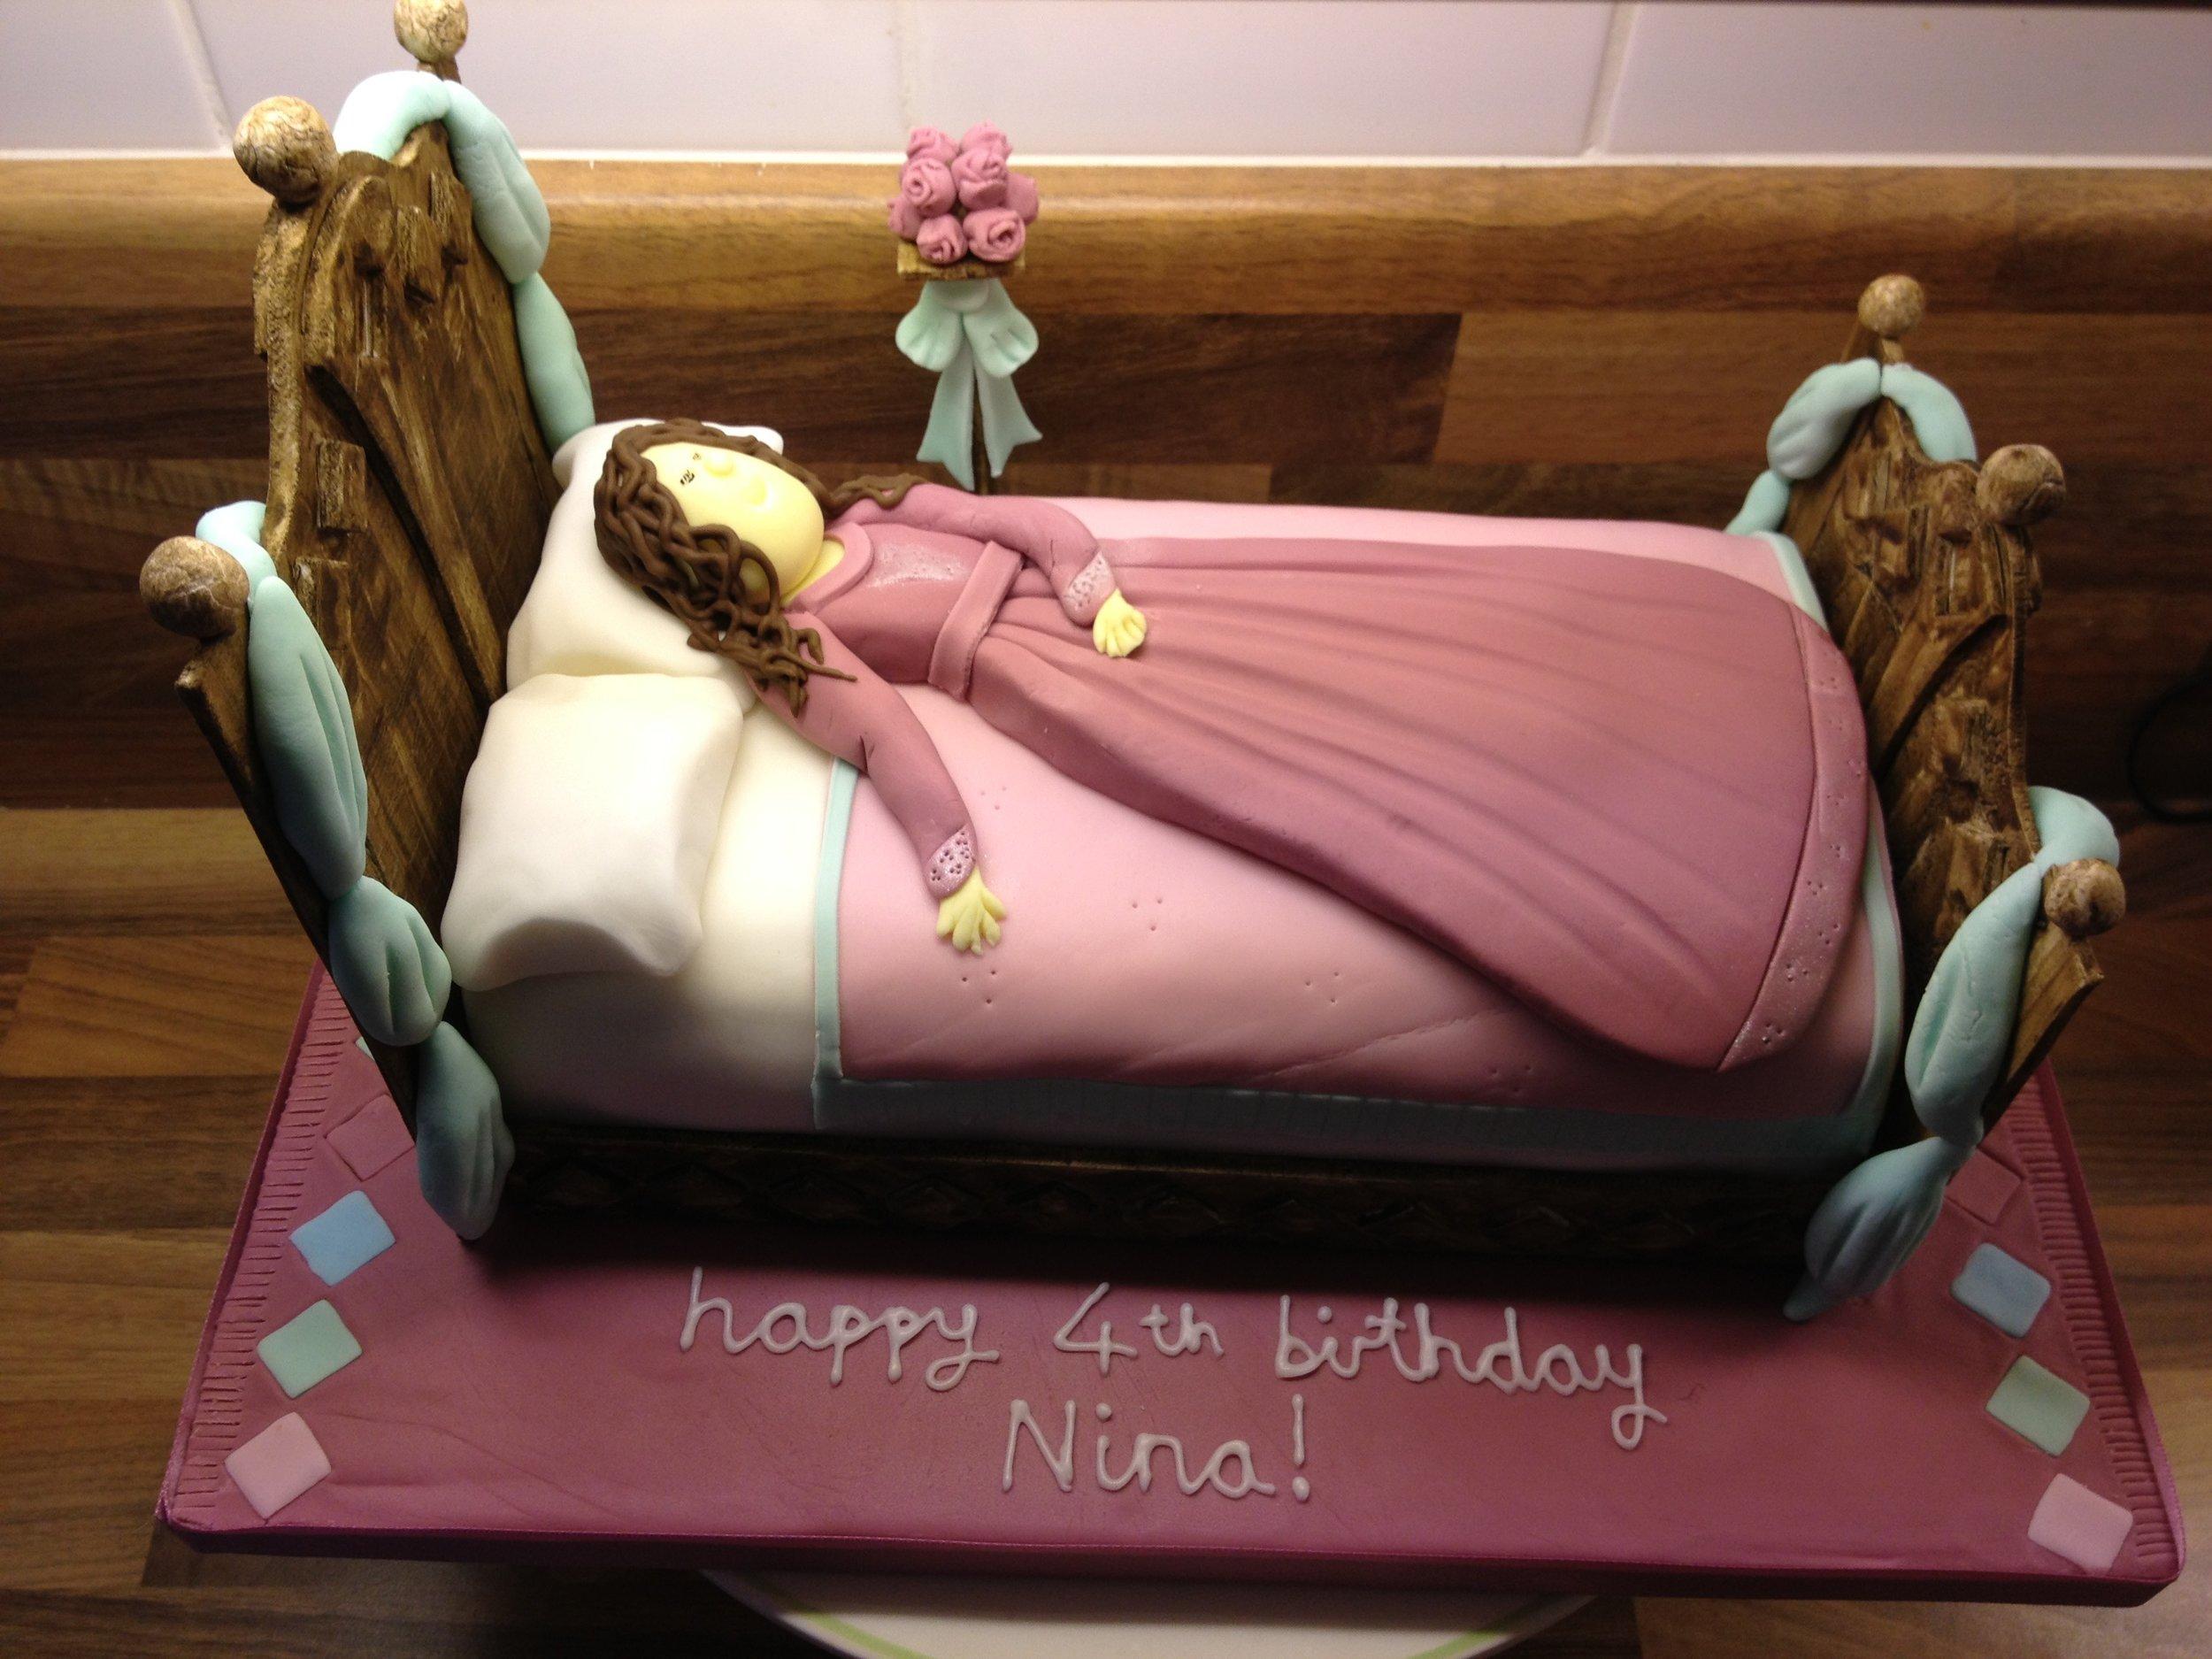 Nina's 4th birthday cake - Sleeping Beauty